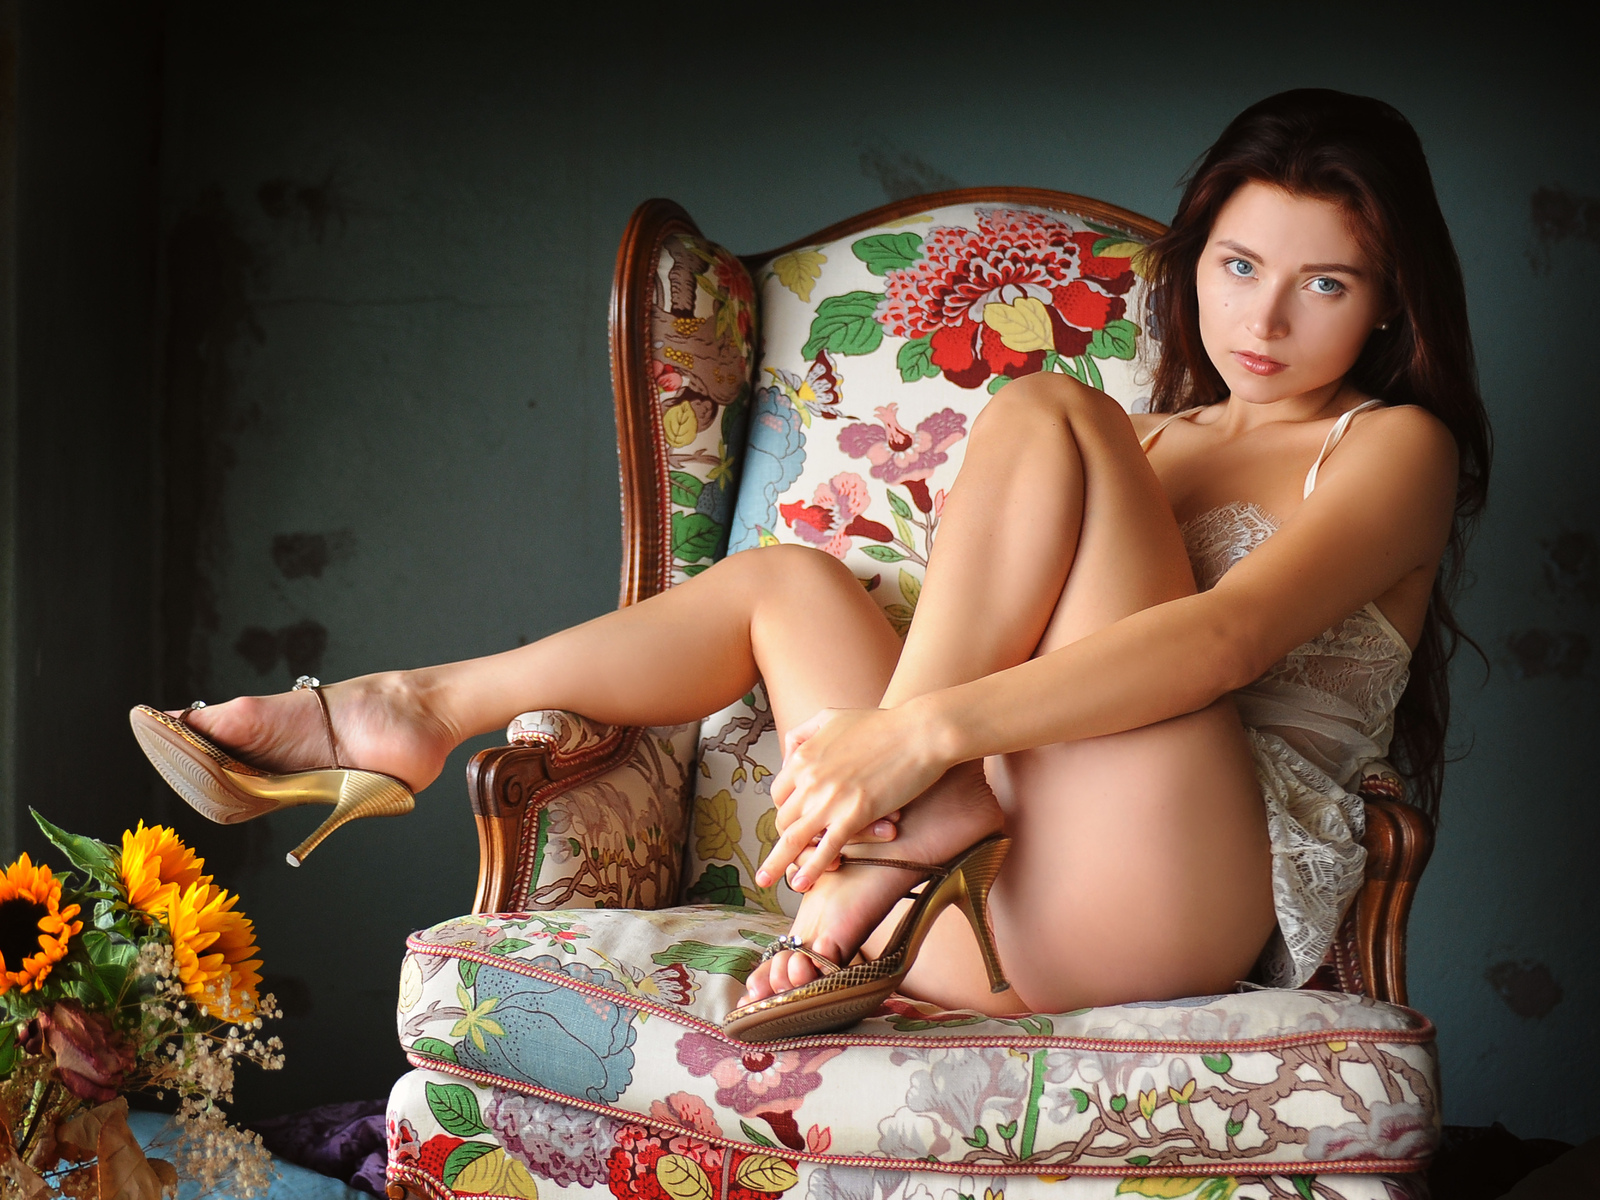 berenice, сексуальная девушка, модель для взрослых, неглиже, сексуальные ноги, брюнетка